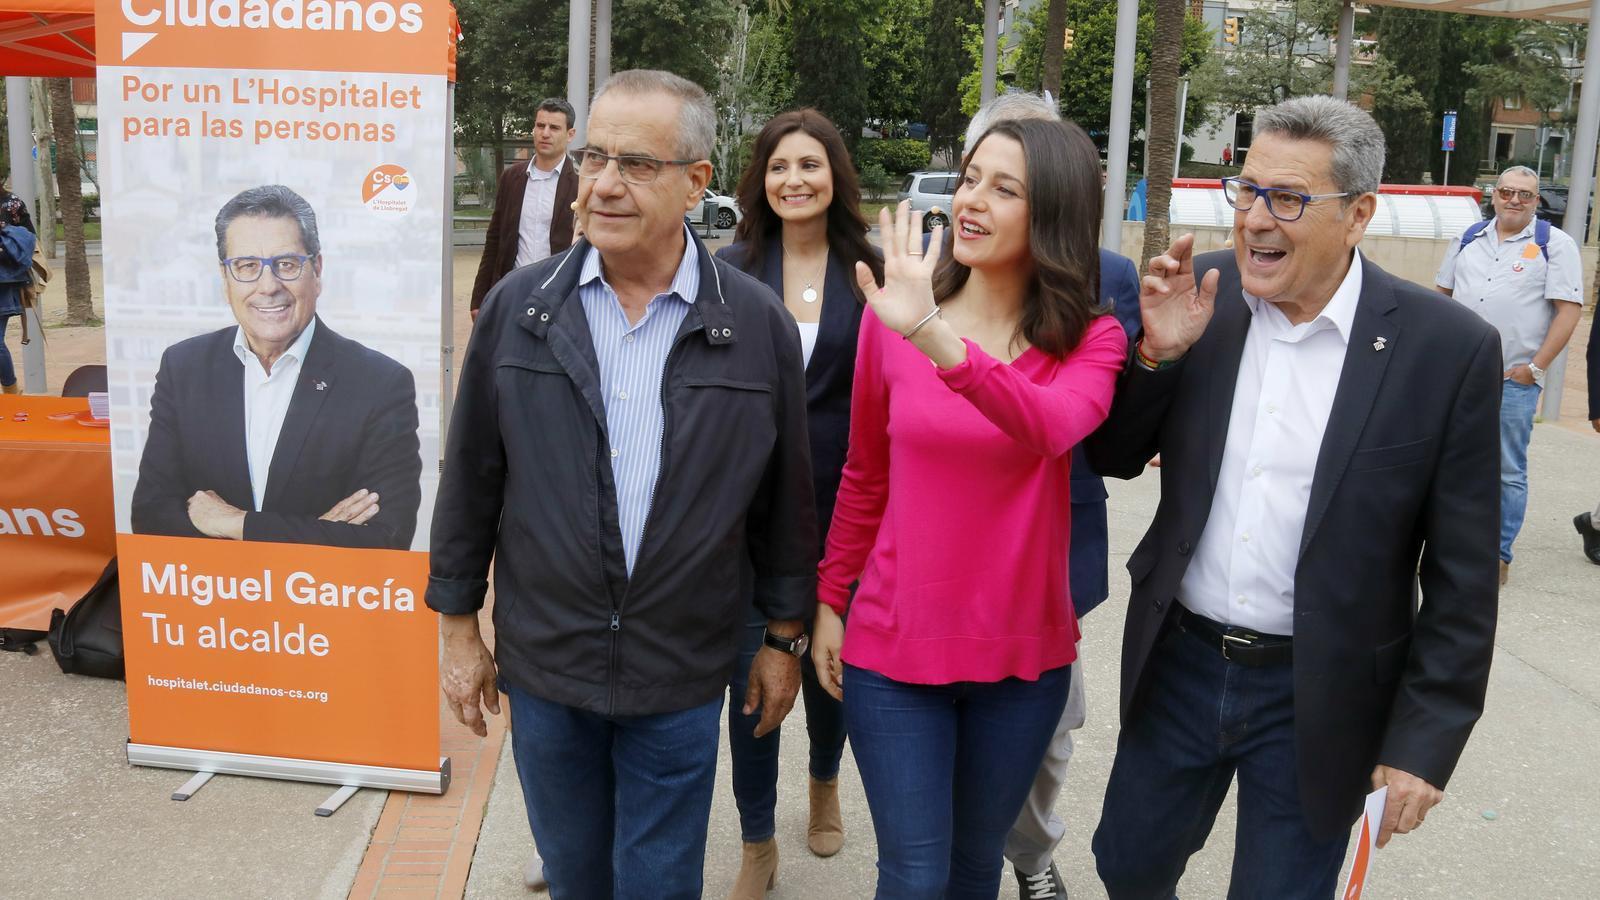 Corbacho torna a l'Hospitalet amb la camisa de Ciutadans i demana el vot per Barcelona